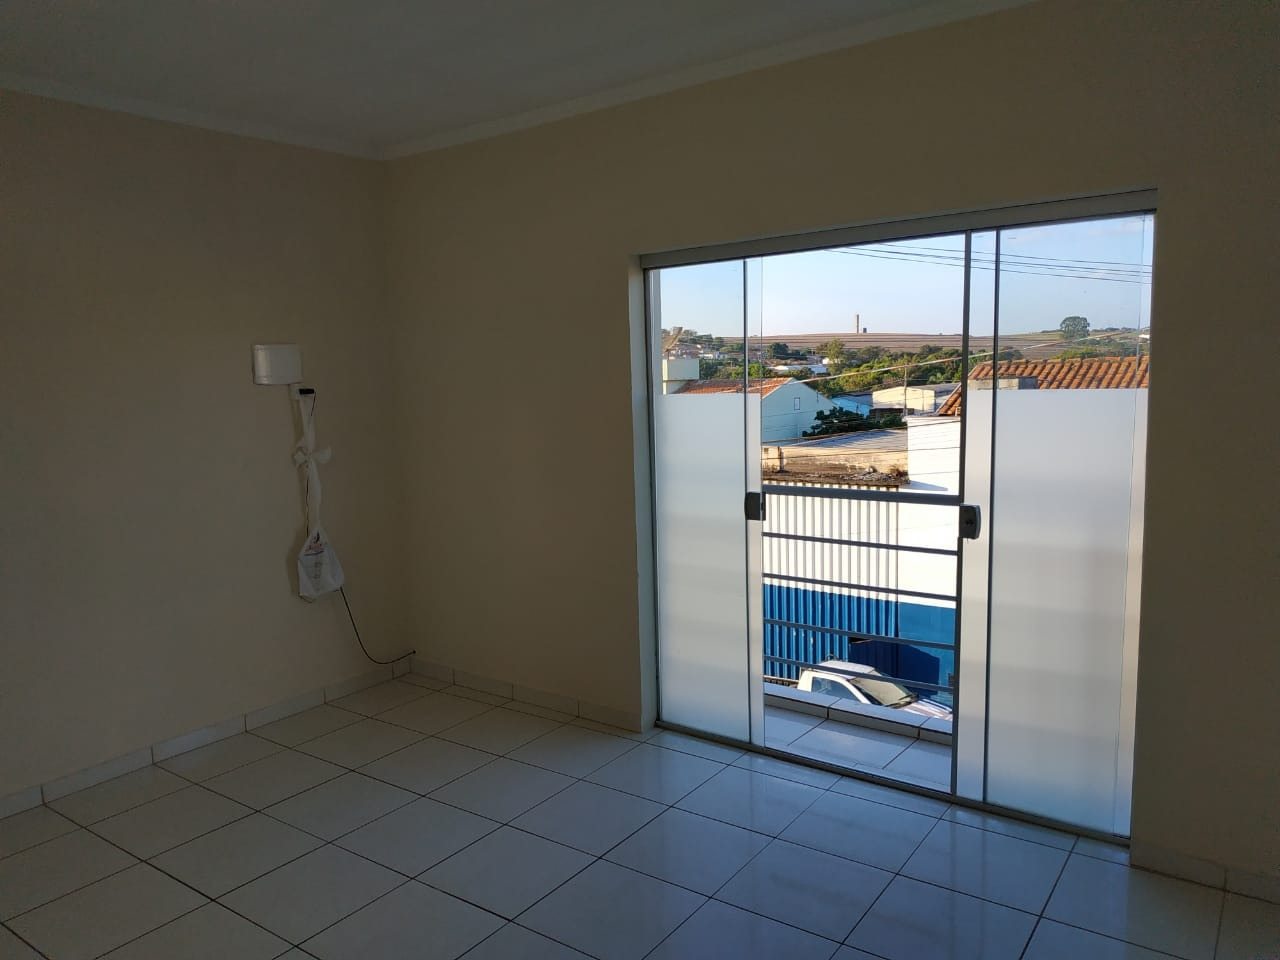 Sala Comercial para alugar, no bairro Centro em Rio das Pedras - SP